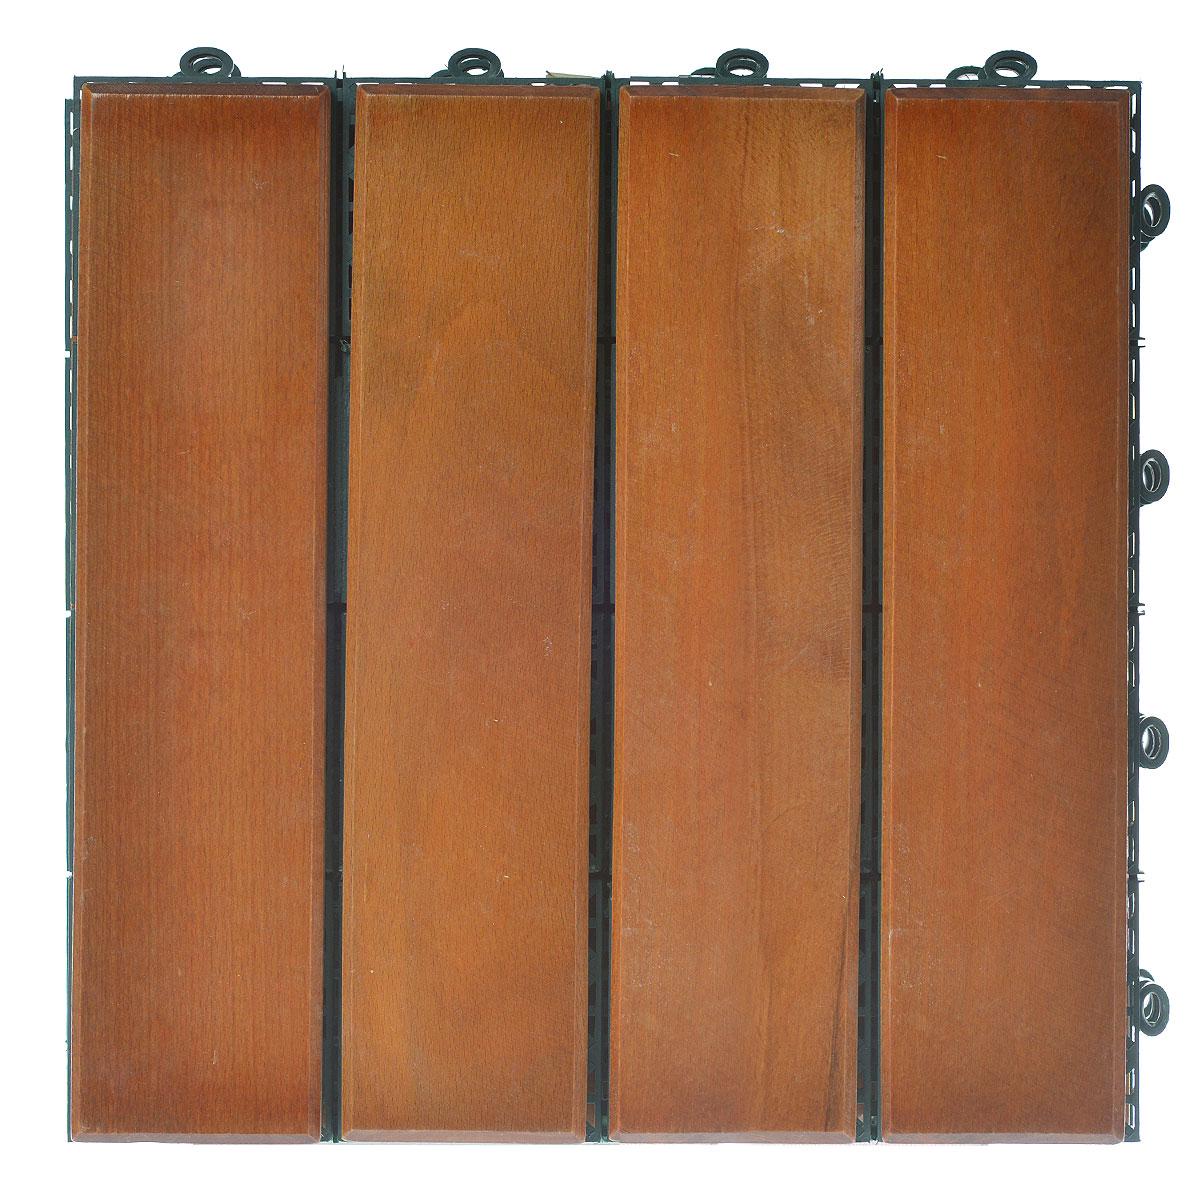 Покрытие Konex Декинг, цвет: дуб, 30 см х 30, 4 шт. ПД-ДПД-ДПокрытие Konex Декинг состоит из 4 секций, изготовленных из высококачественного дерева, основа выполнена из полипропилена. Покрытие предназначено для создания дополнительного (отделочного) слоя пола в различных помещениях бытового и хозяйственного назначения (коридоры, веранды, сауны и бани, ванные комнаты, балконы), а также для быстрого обустройства открытых площадок и дорожек (спортивные и детские площадки, зоны отдыха, садовые дорожки, террасы, палубы, причалы, бассейны) на подготовленных площадях. Размер секции: 30 см х 30 см х 3 см. Количество секций: 4 шт.